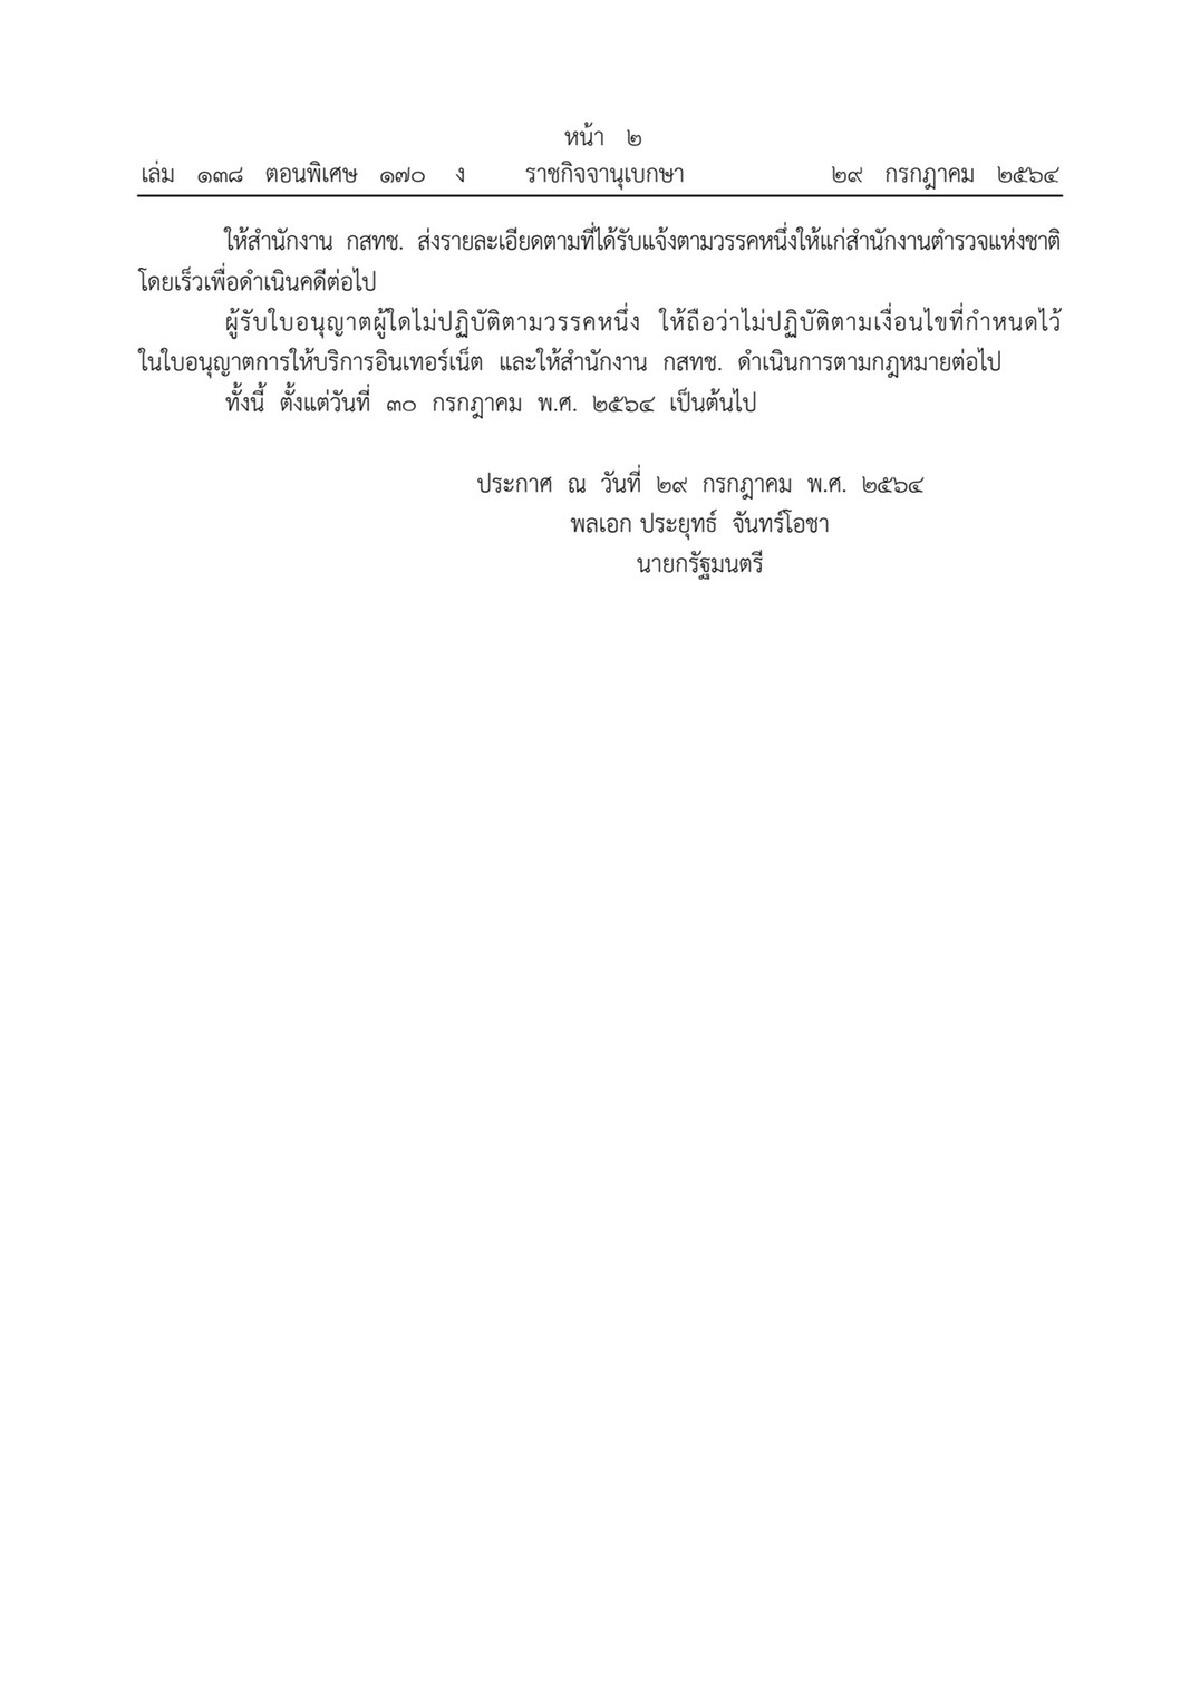 Breaking News : ราชกิจจาฯ ประกาศ ห้ามสื่อเผยแพร่ข่าวบิดเบือน-ทำให้หวาดกลัว ขู่ระงับไอพี